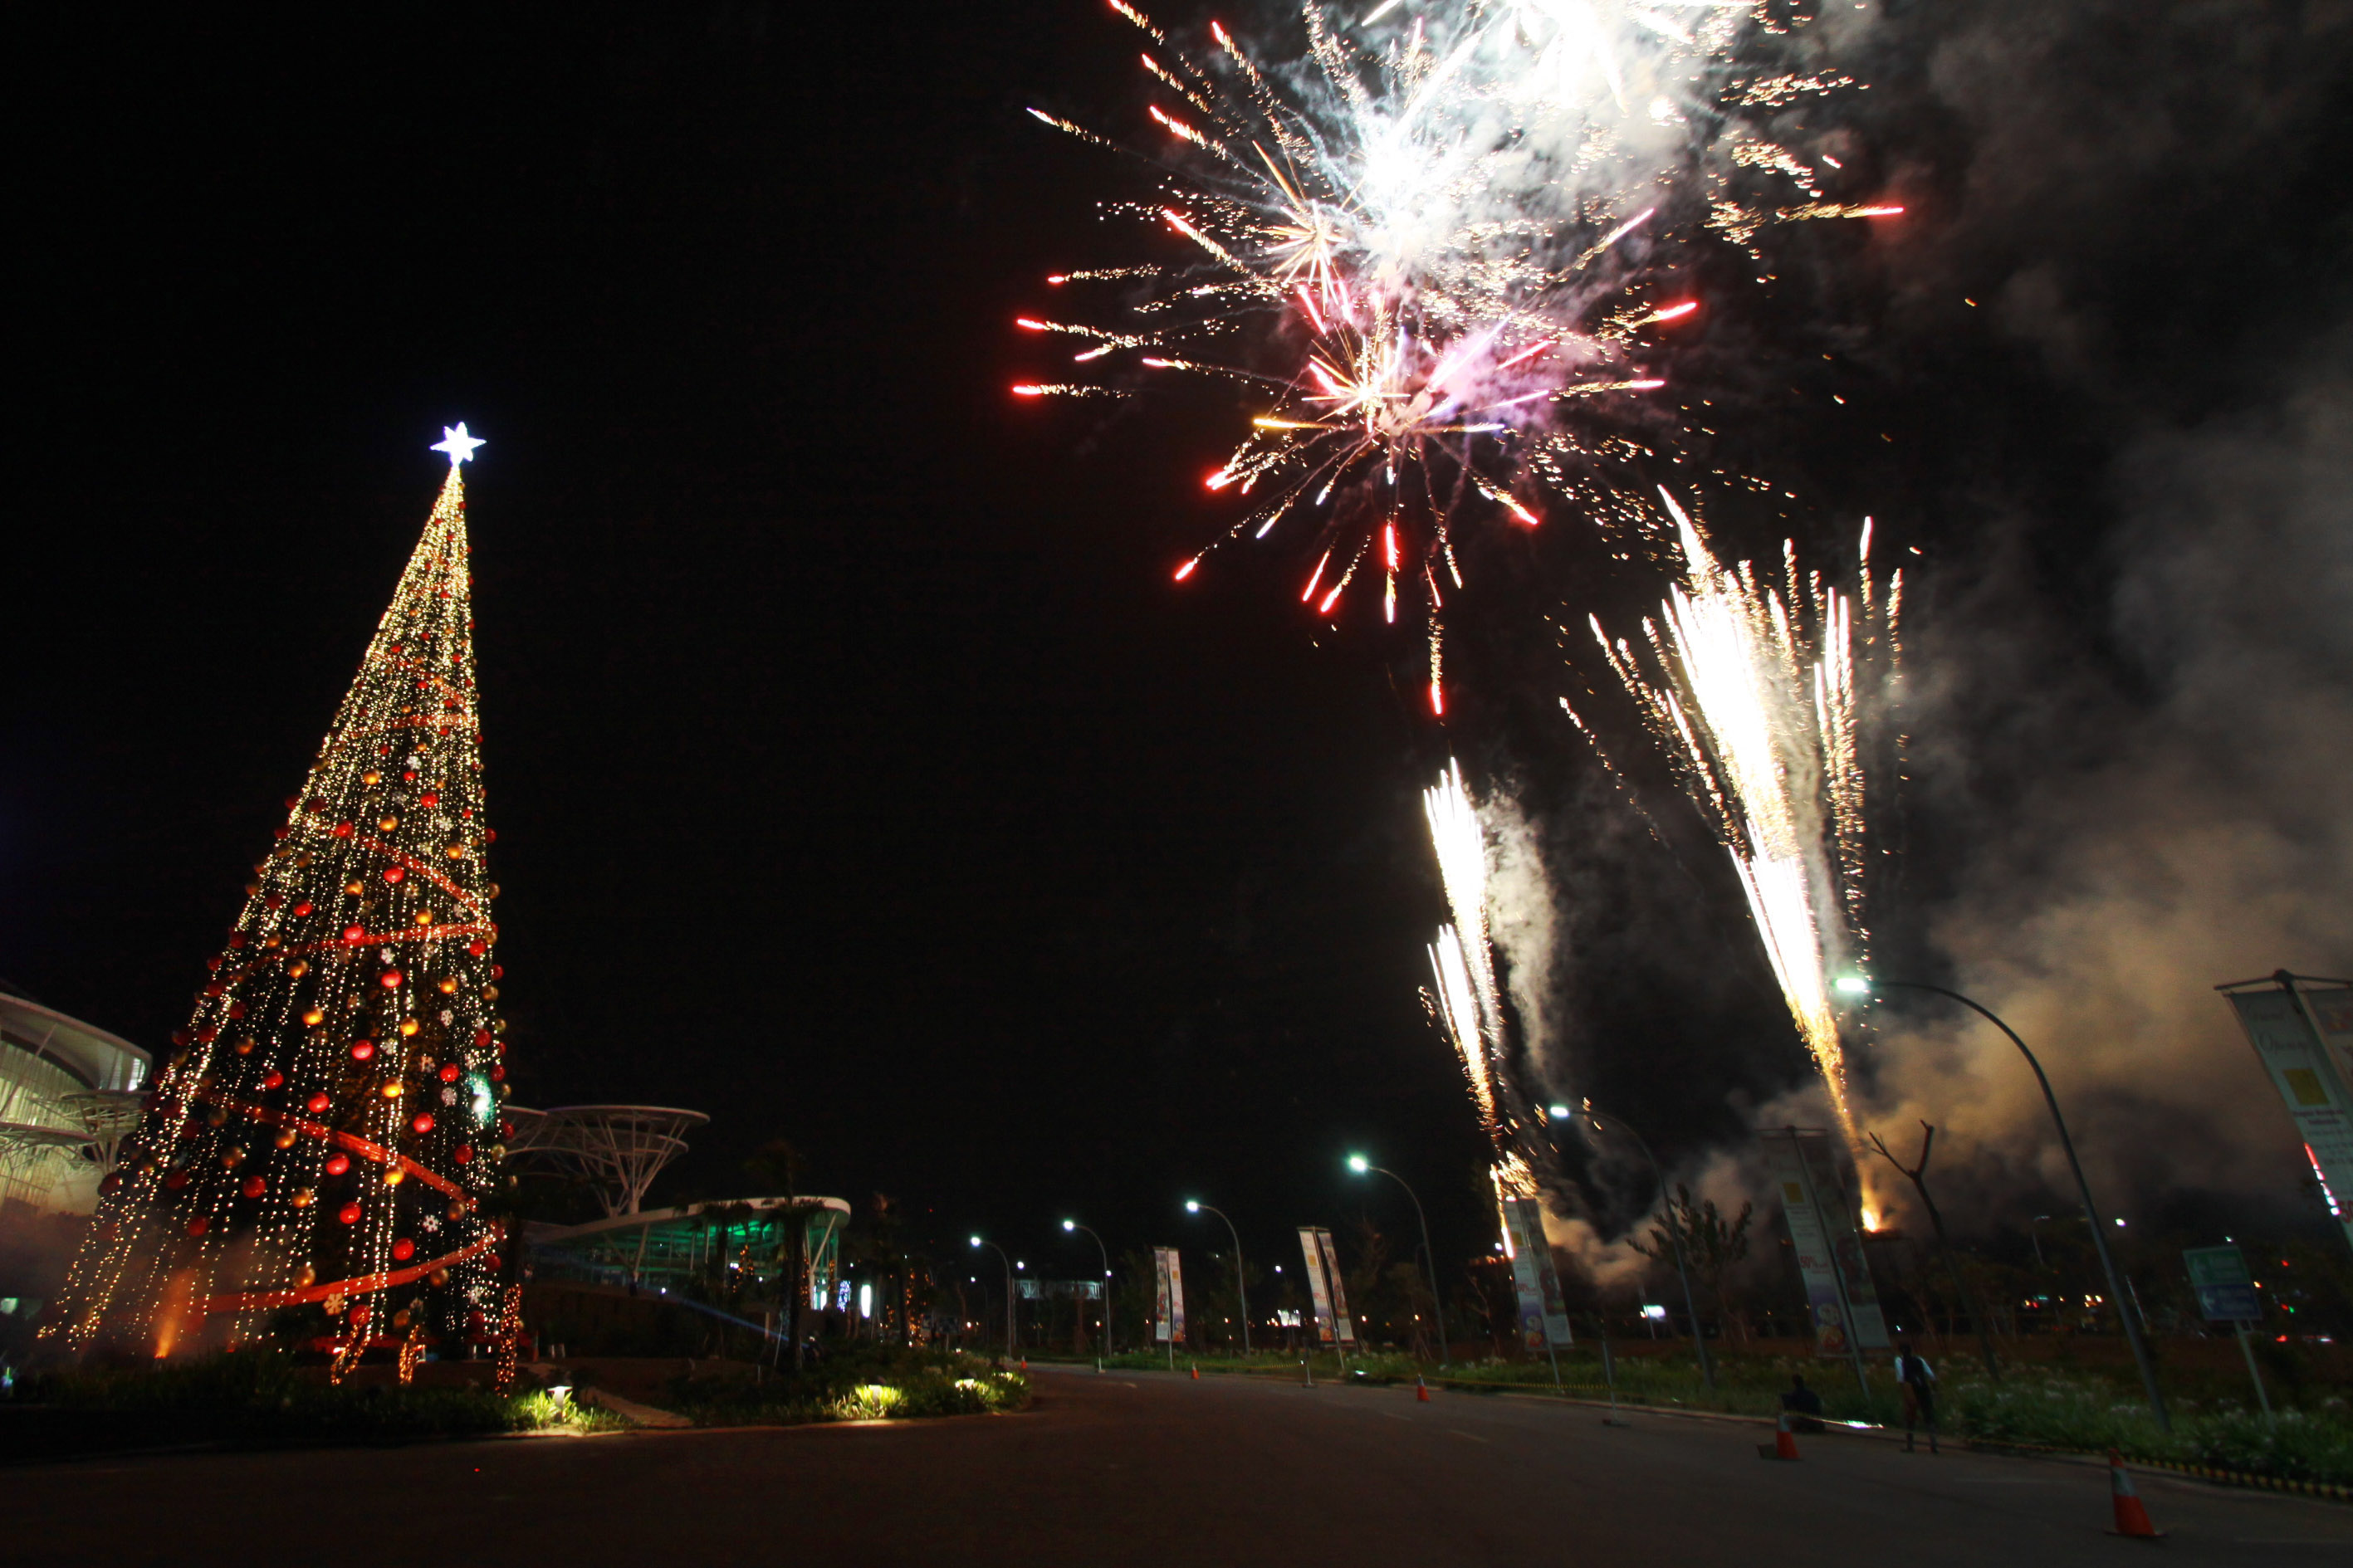 Pohon natal setinggi 32 meter dibuat dalam rangka menyambut perayaan